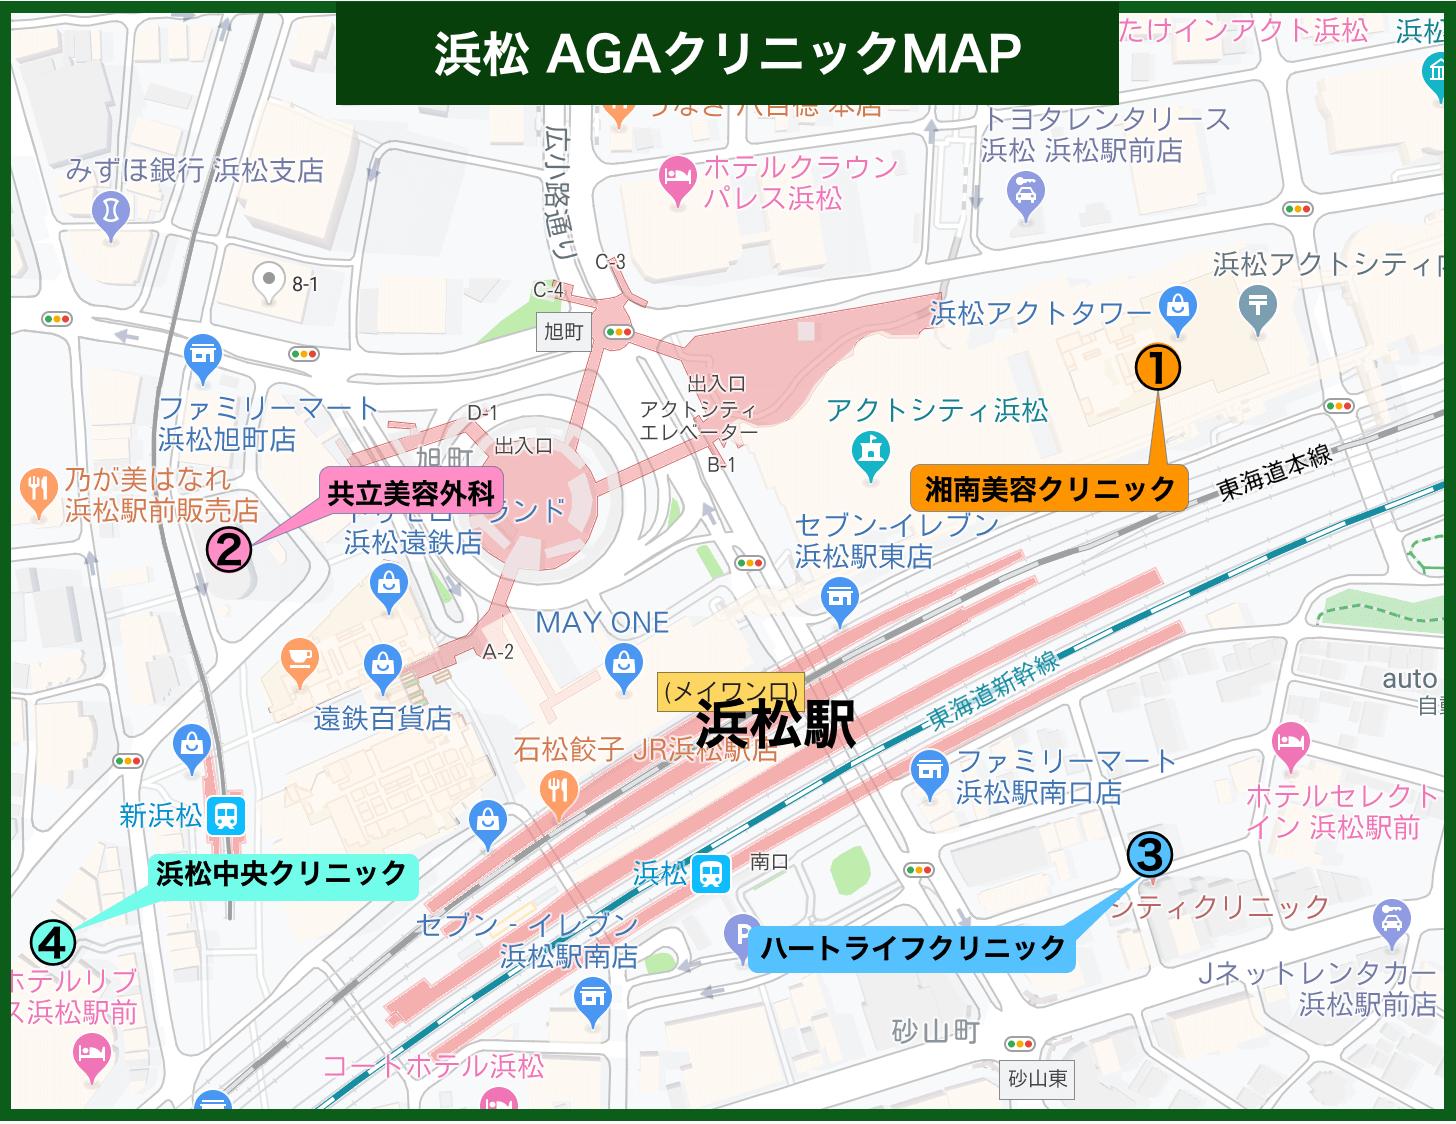 浜松 AGAクリニックMAP